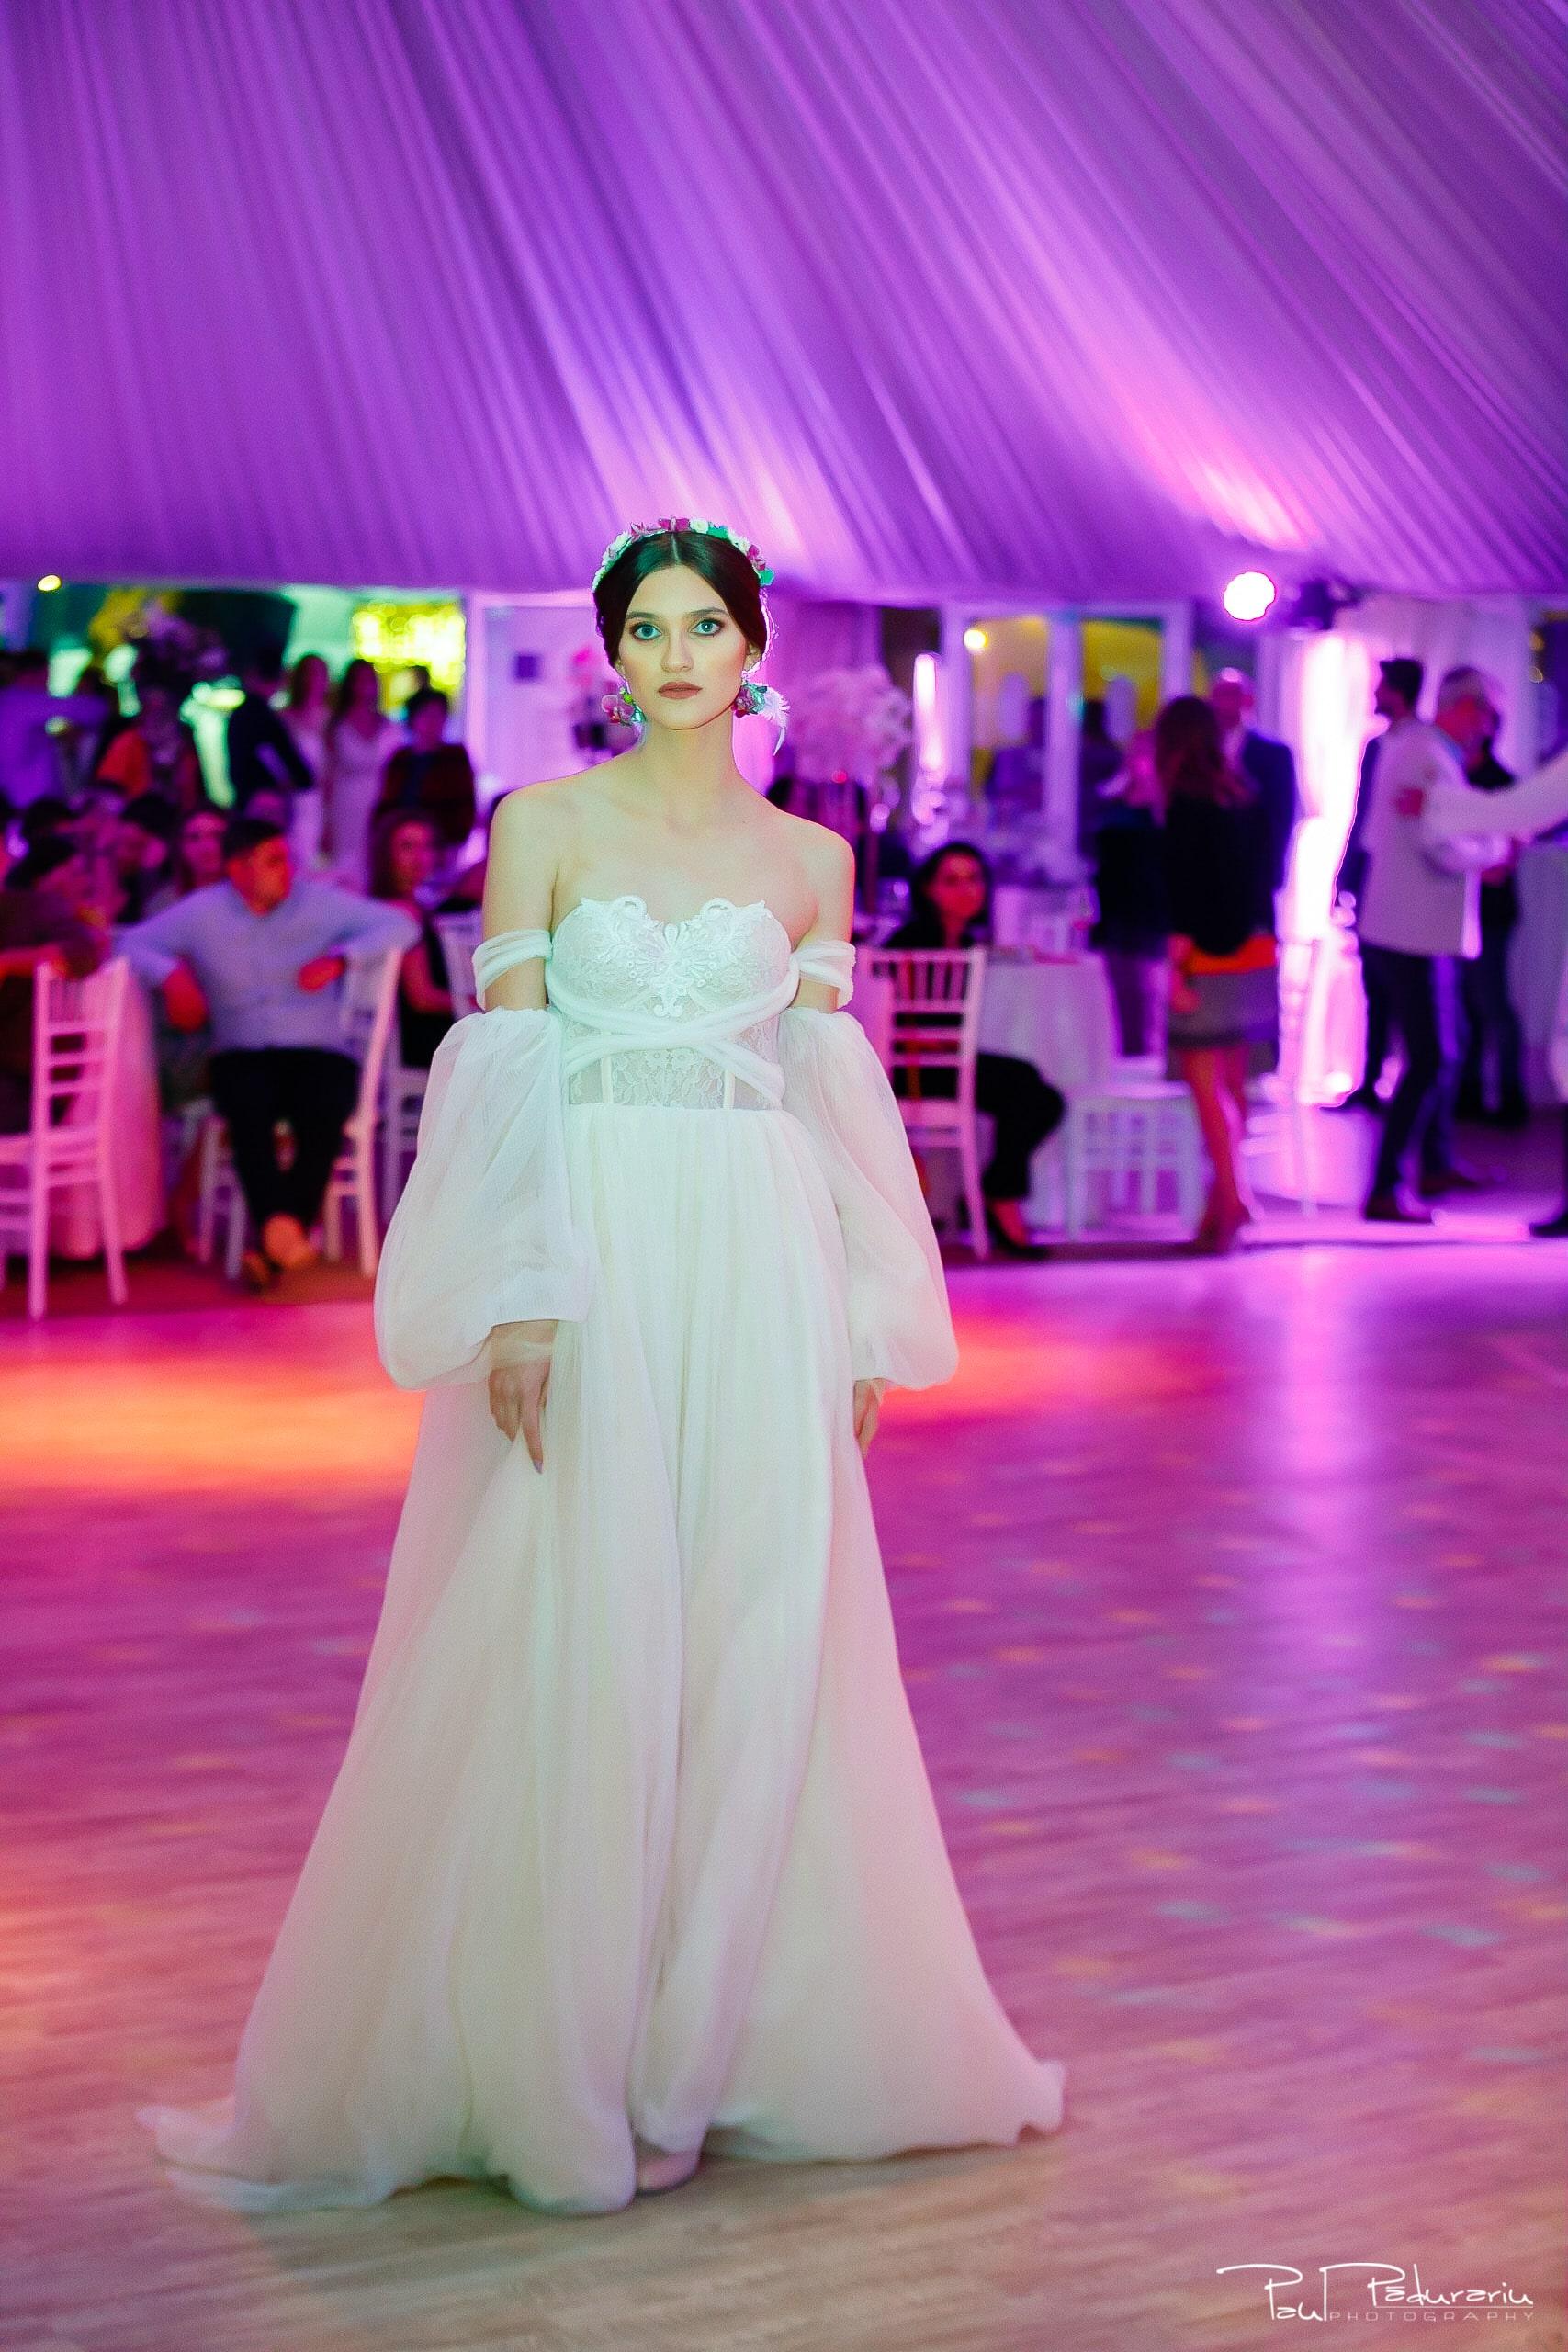 Nunta de proba Elysium Iasi 2019 paul padurariu fotograf nunta Iasi 84